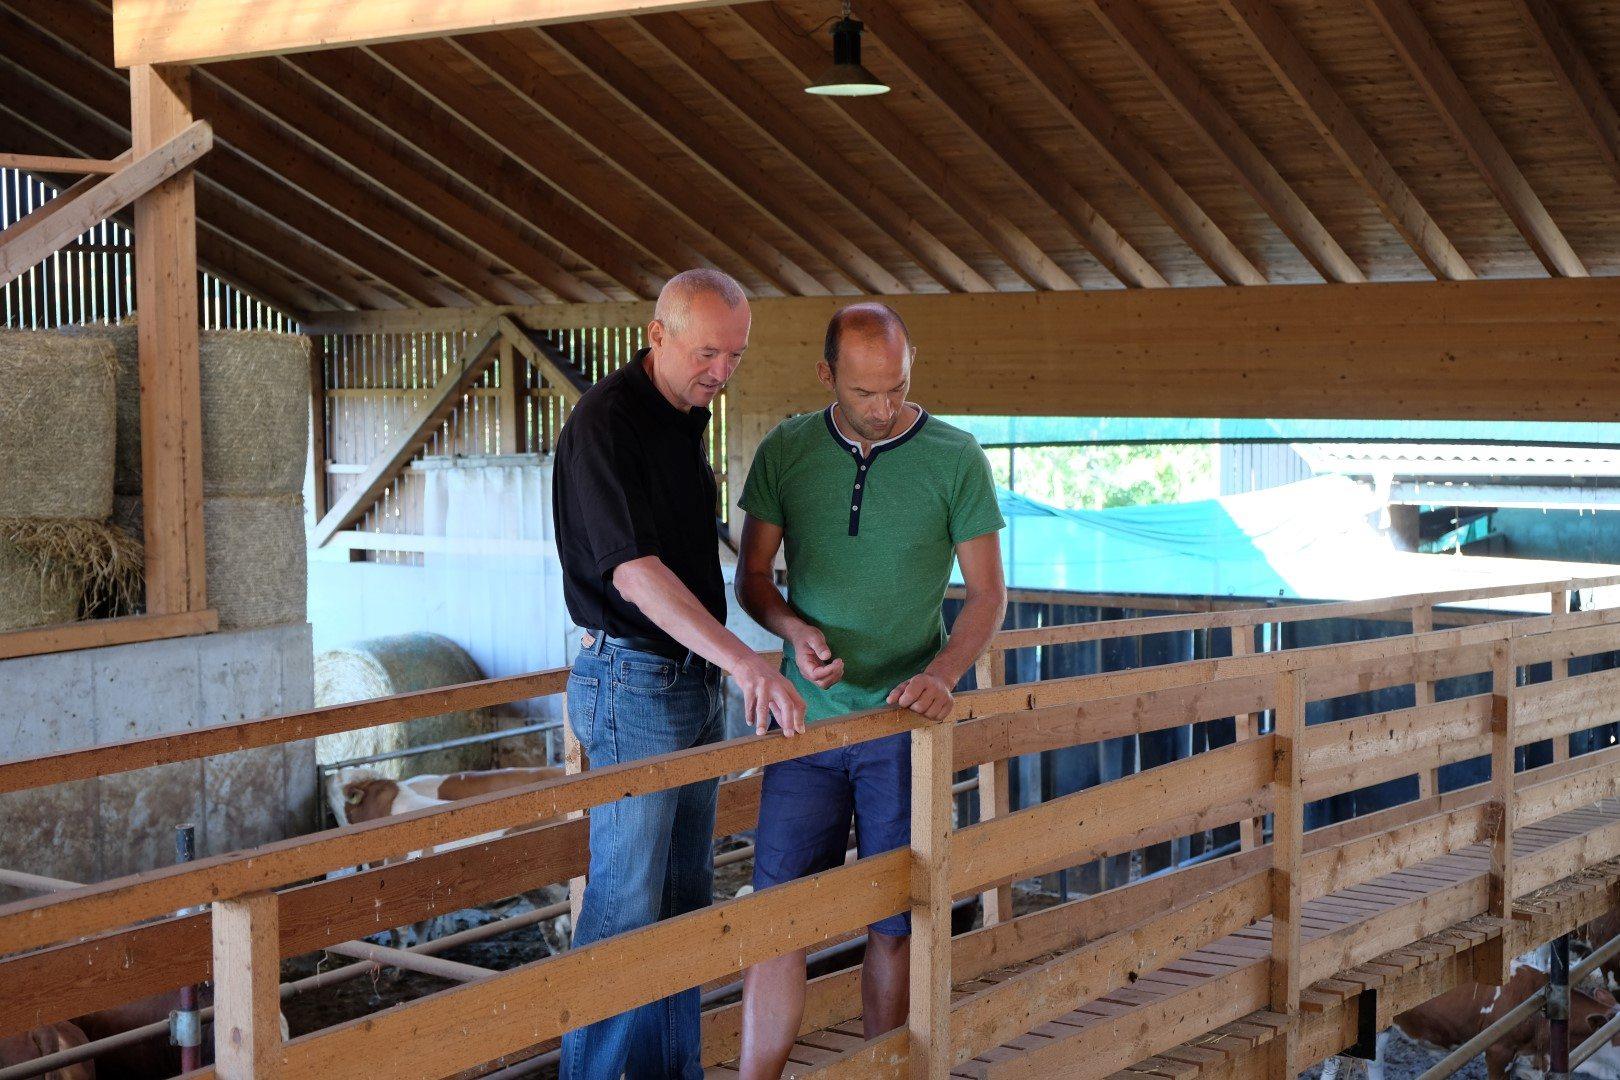 Christoph Schild (rechts) und Christian Strobl (links) stehen auf einer Holzbrücke im Stall und beobachten Mastrinder.